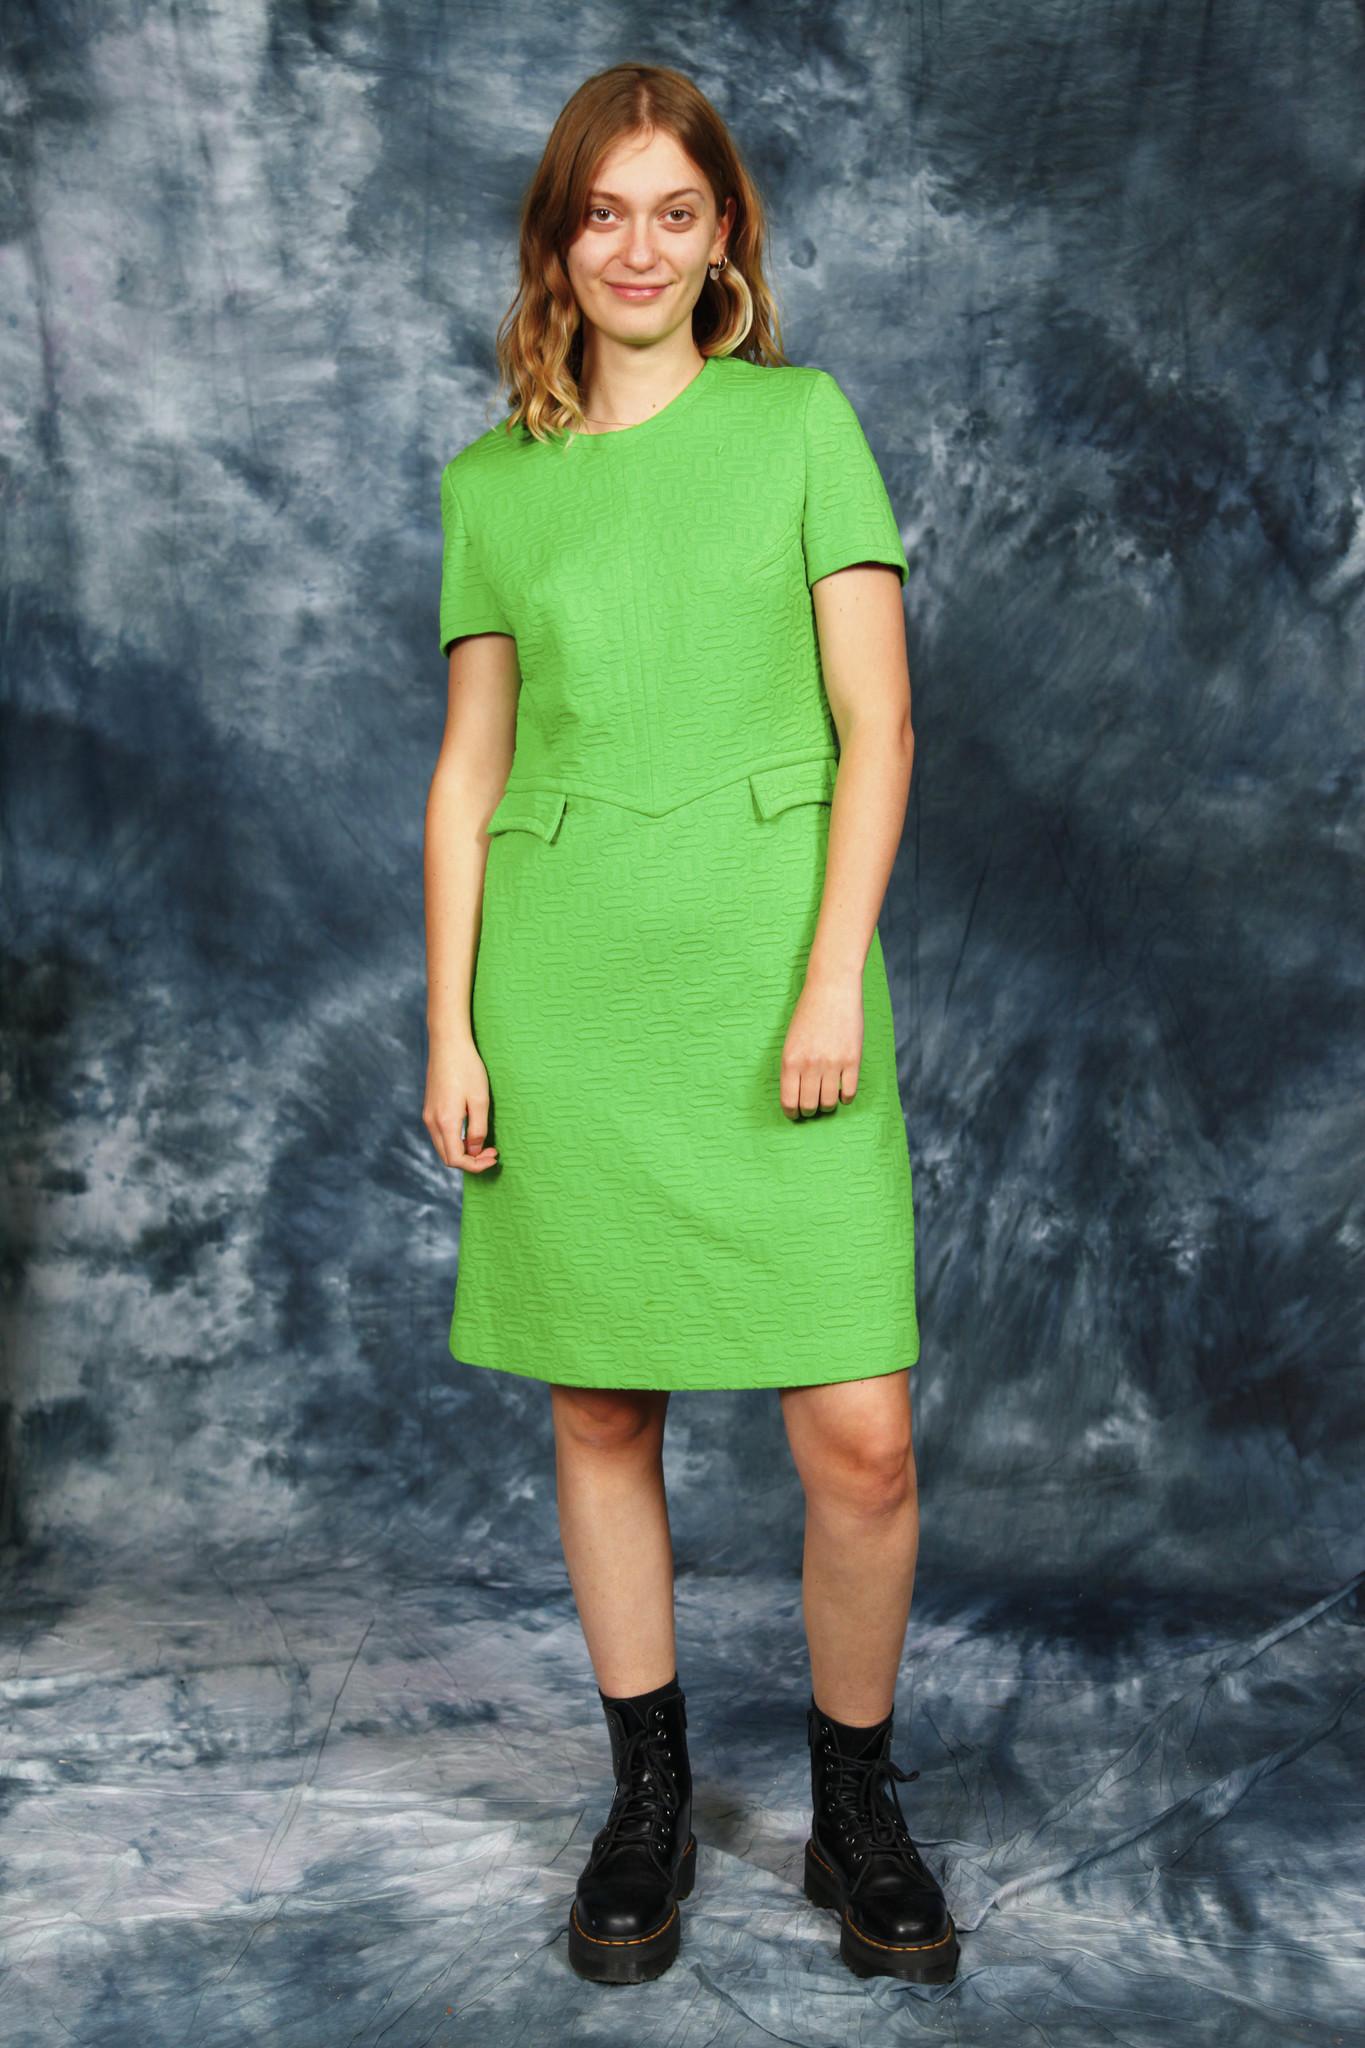 Green 60s midi dress